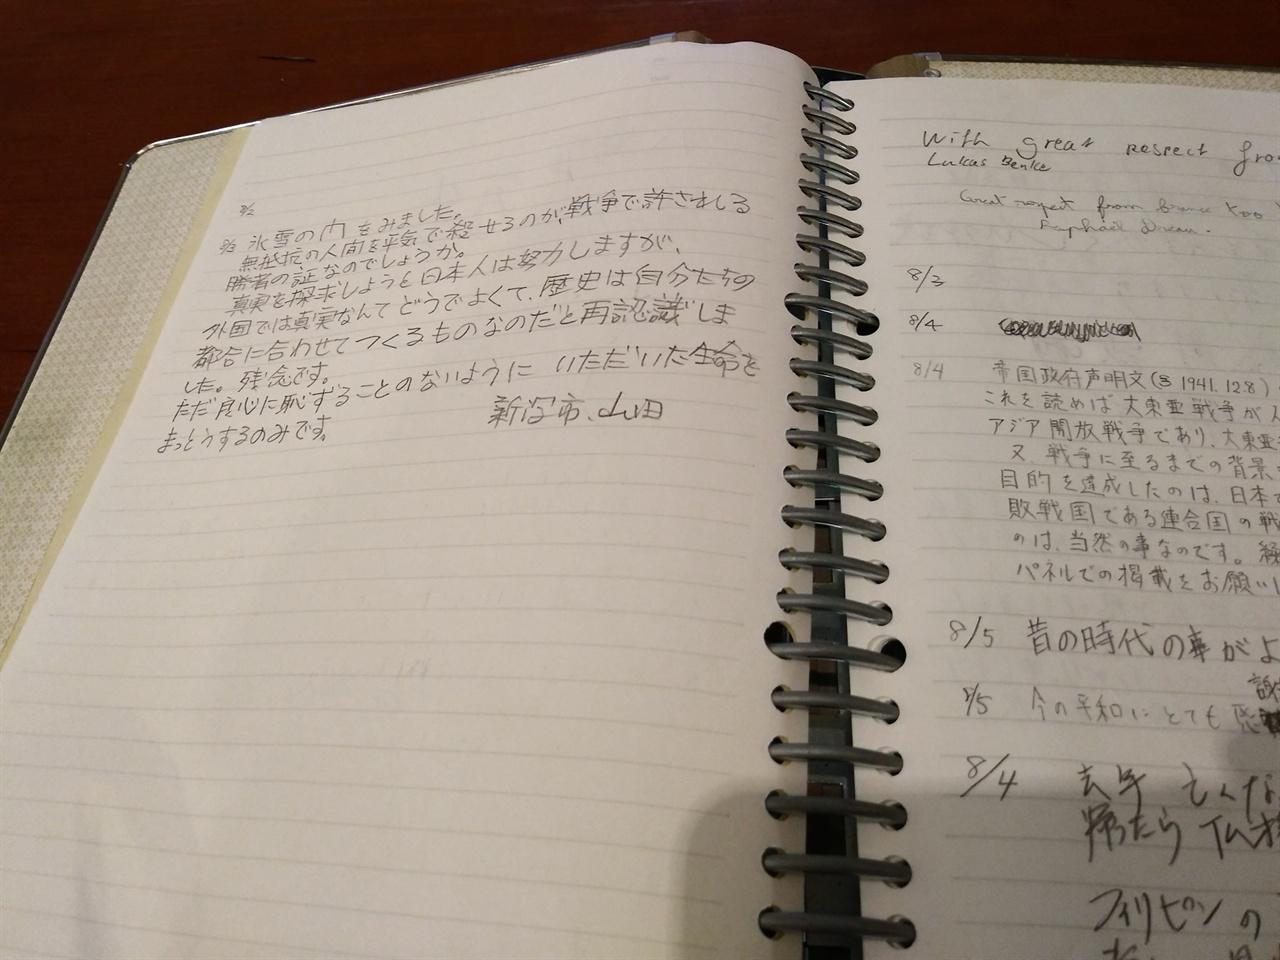 유슈칸의 방명록 일부 도쿄에 사는 제자의 도움으로 방명록의 내용을 살펴보았다. 시나브로 파시즘에 경도돼가는 일본인들의 모습을 엿볼 수 있었다. 참고로, 유슈칸 내부는 사진 촬영이 전면 금지되어 있다.